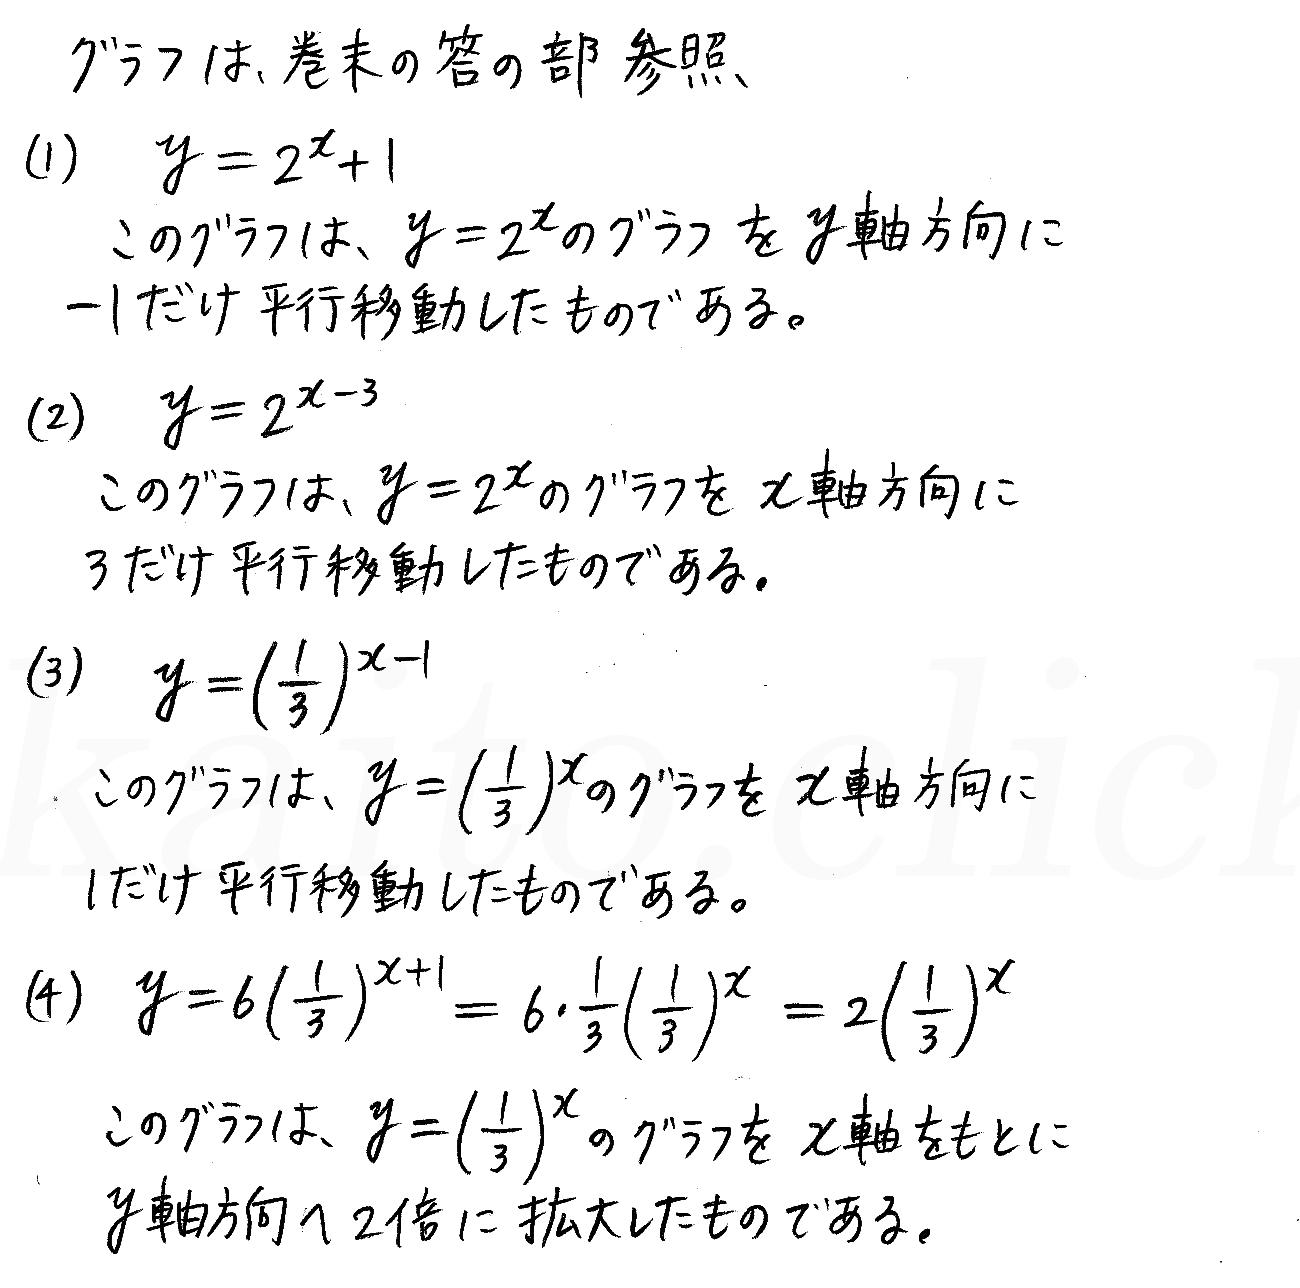 クリアー数学2-337解答